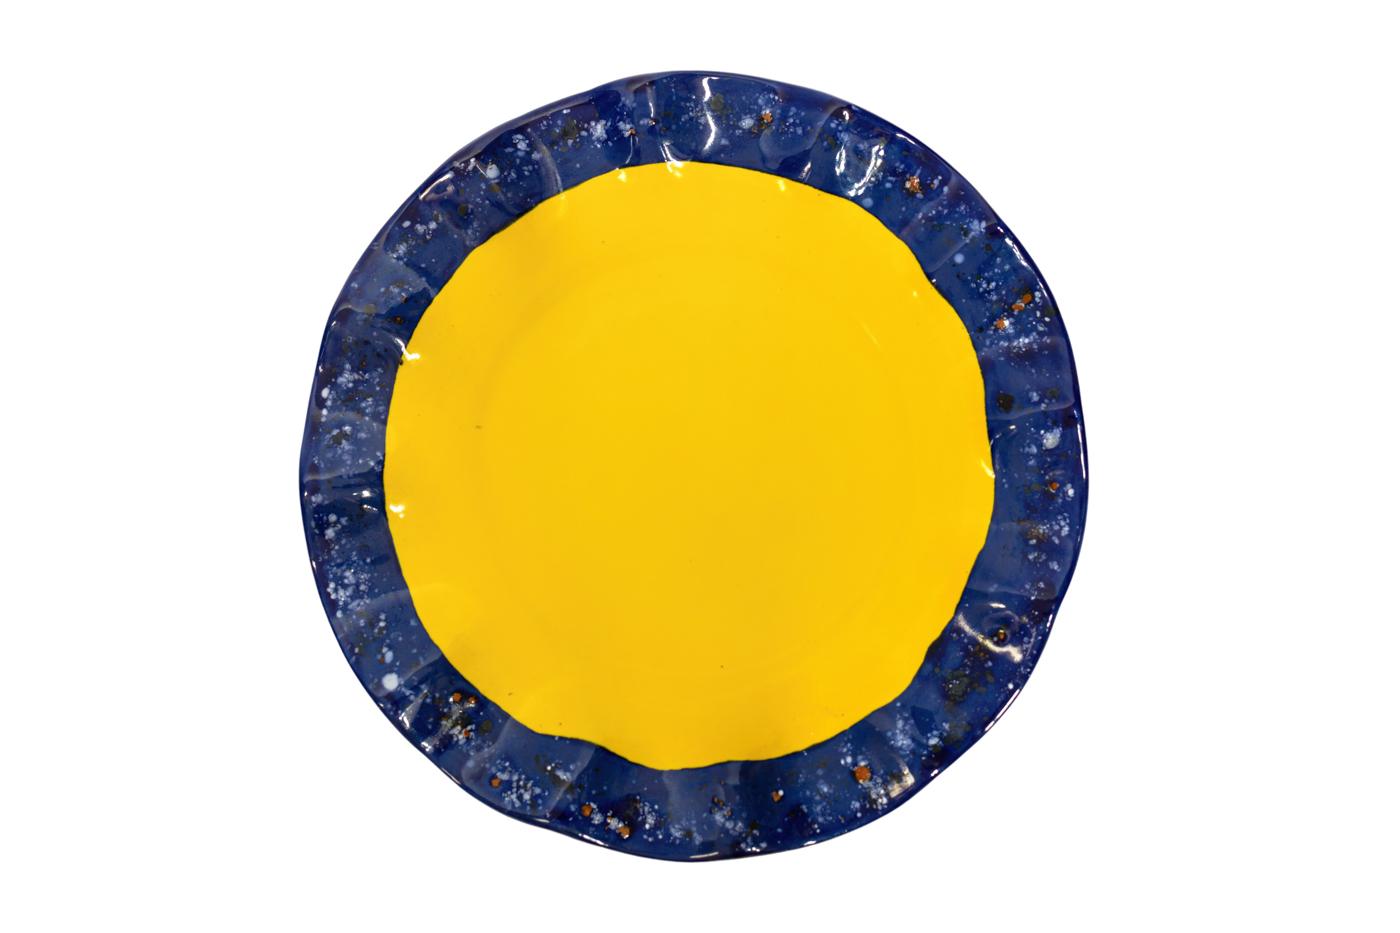 Plato en cerámica con borde ondulado